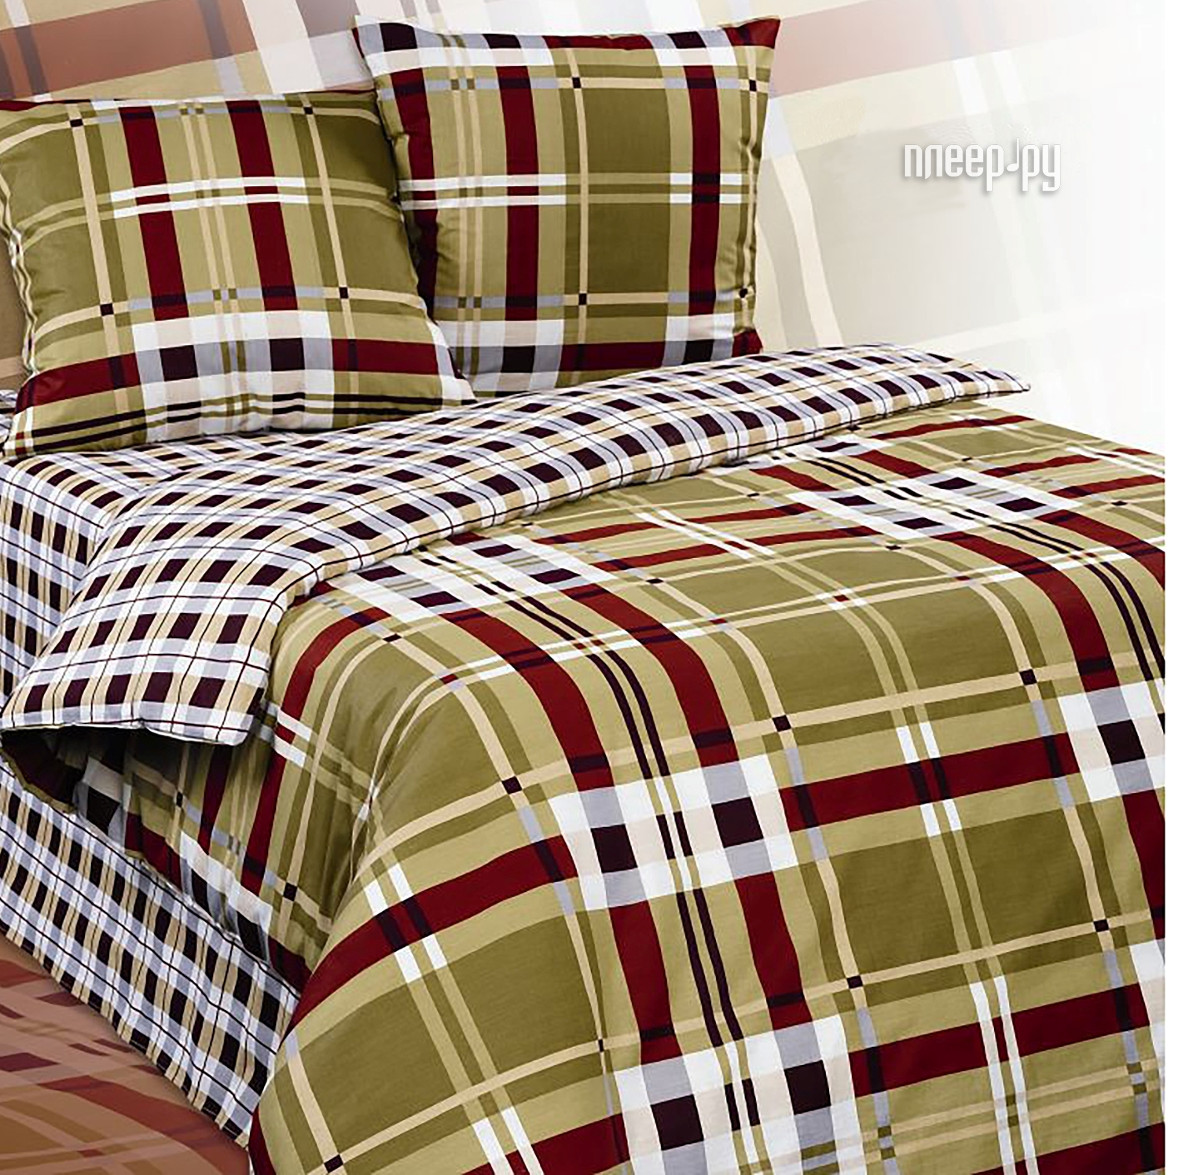 Постельное белье Экзотика Презент Комплект 2 спальный, простыня на резинке